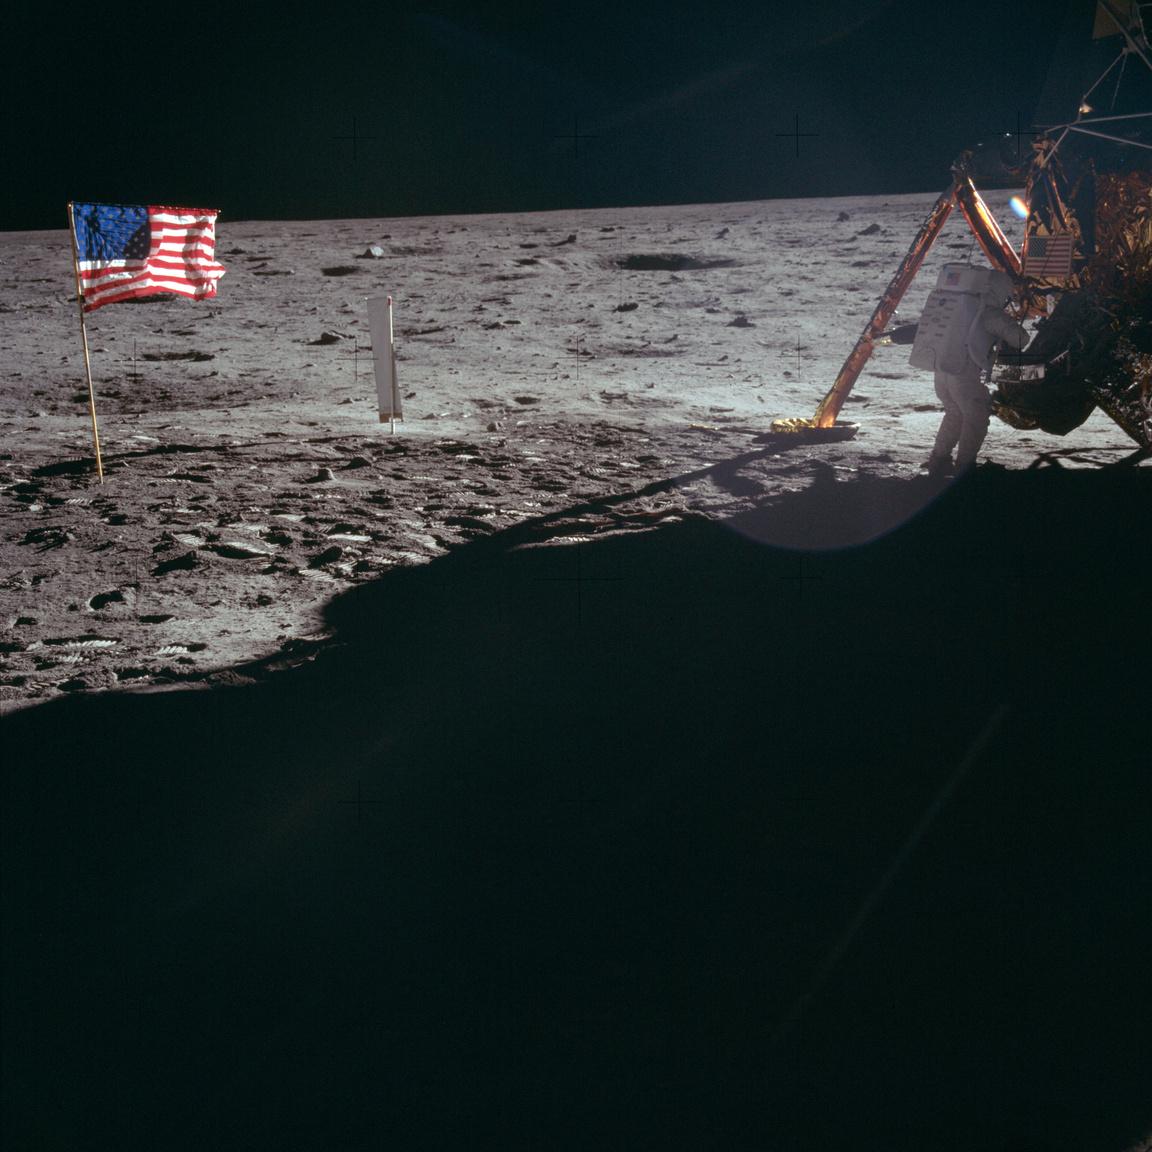 1969. július 20. Neil Armstrong a holdkompnál dolgozik. Ez az egyik olyan fotó, amin a Holdra elsőként lépő ember látható – háttal, távol a kamerától, ellenfényes becsillanástól kissé fakón. Fotó egy történelmi hősről, a történeti tetthez kissé méltatlanul, de személyiségétől annyira mégsem távol álló módon.